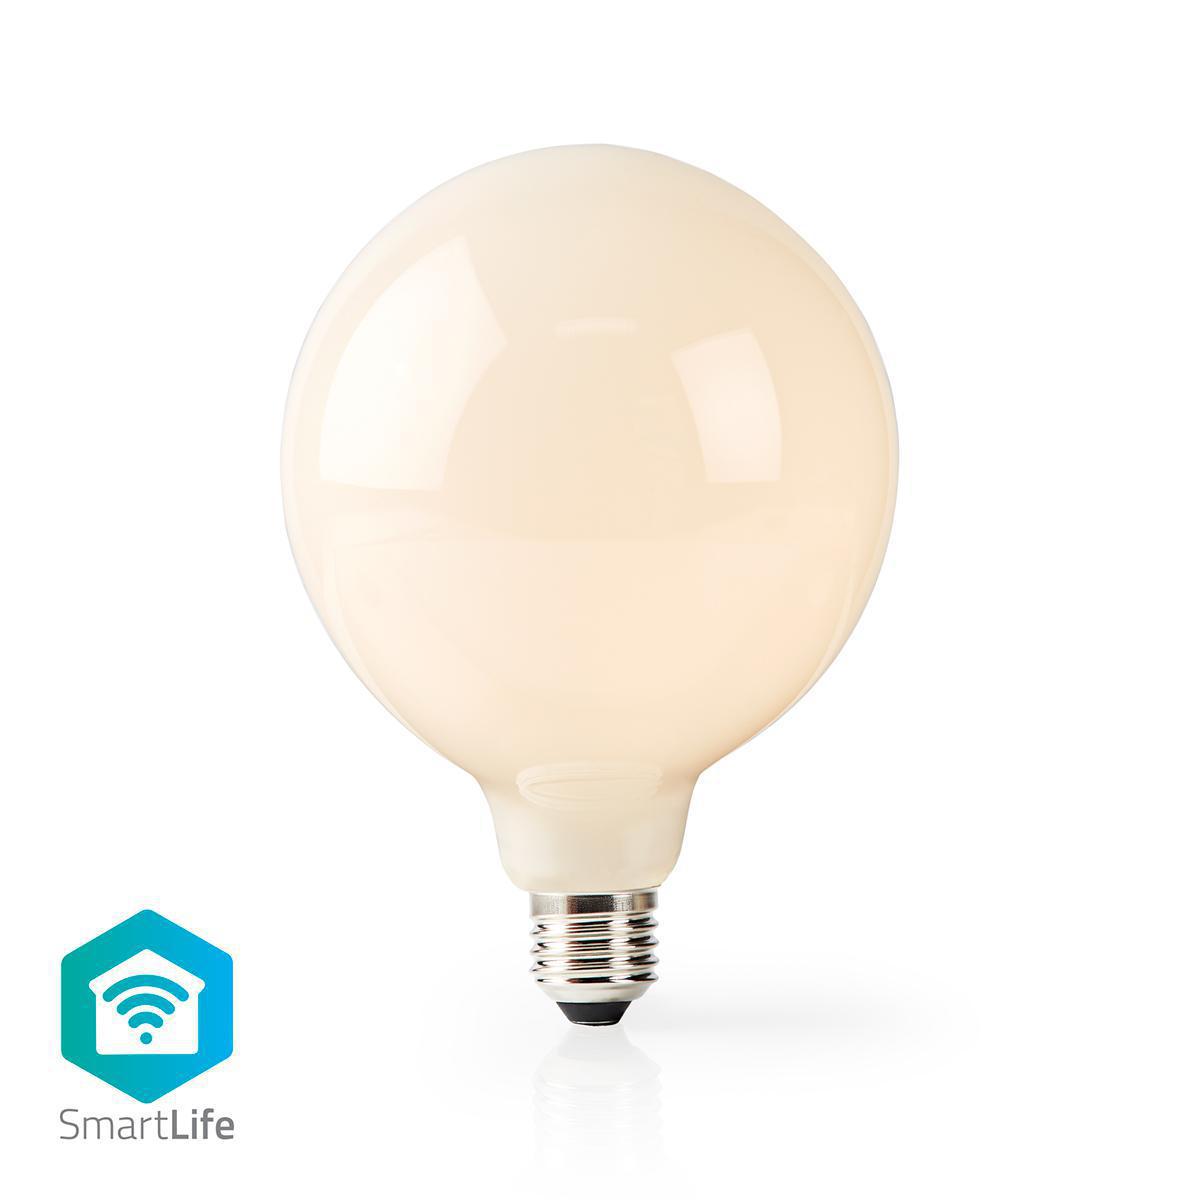 Smart lamp globe Led Lamp 5 Watt 2700K - Warm wit - vooraanzicht lamp